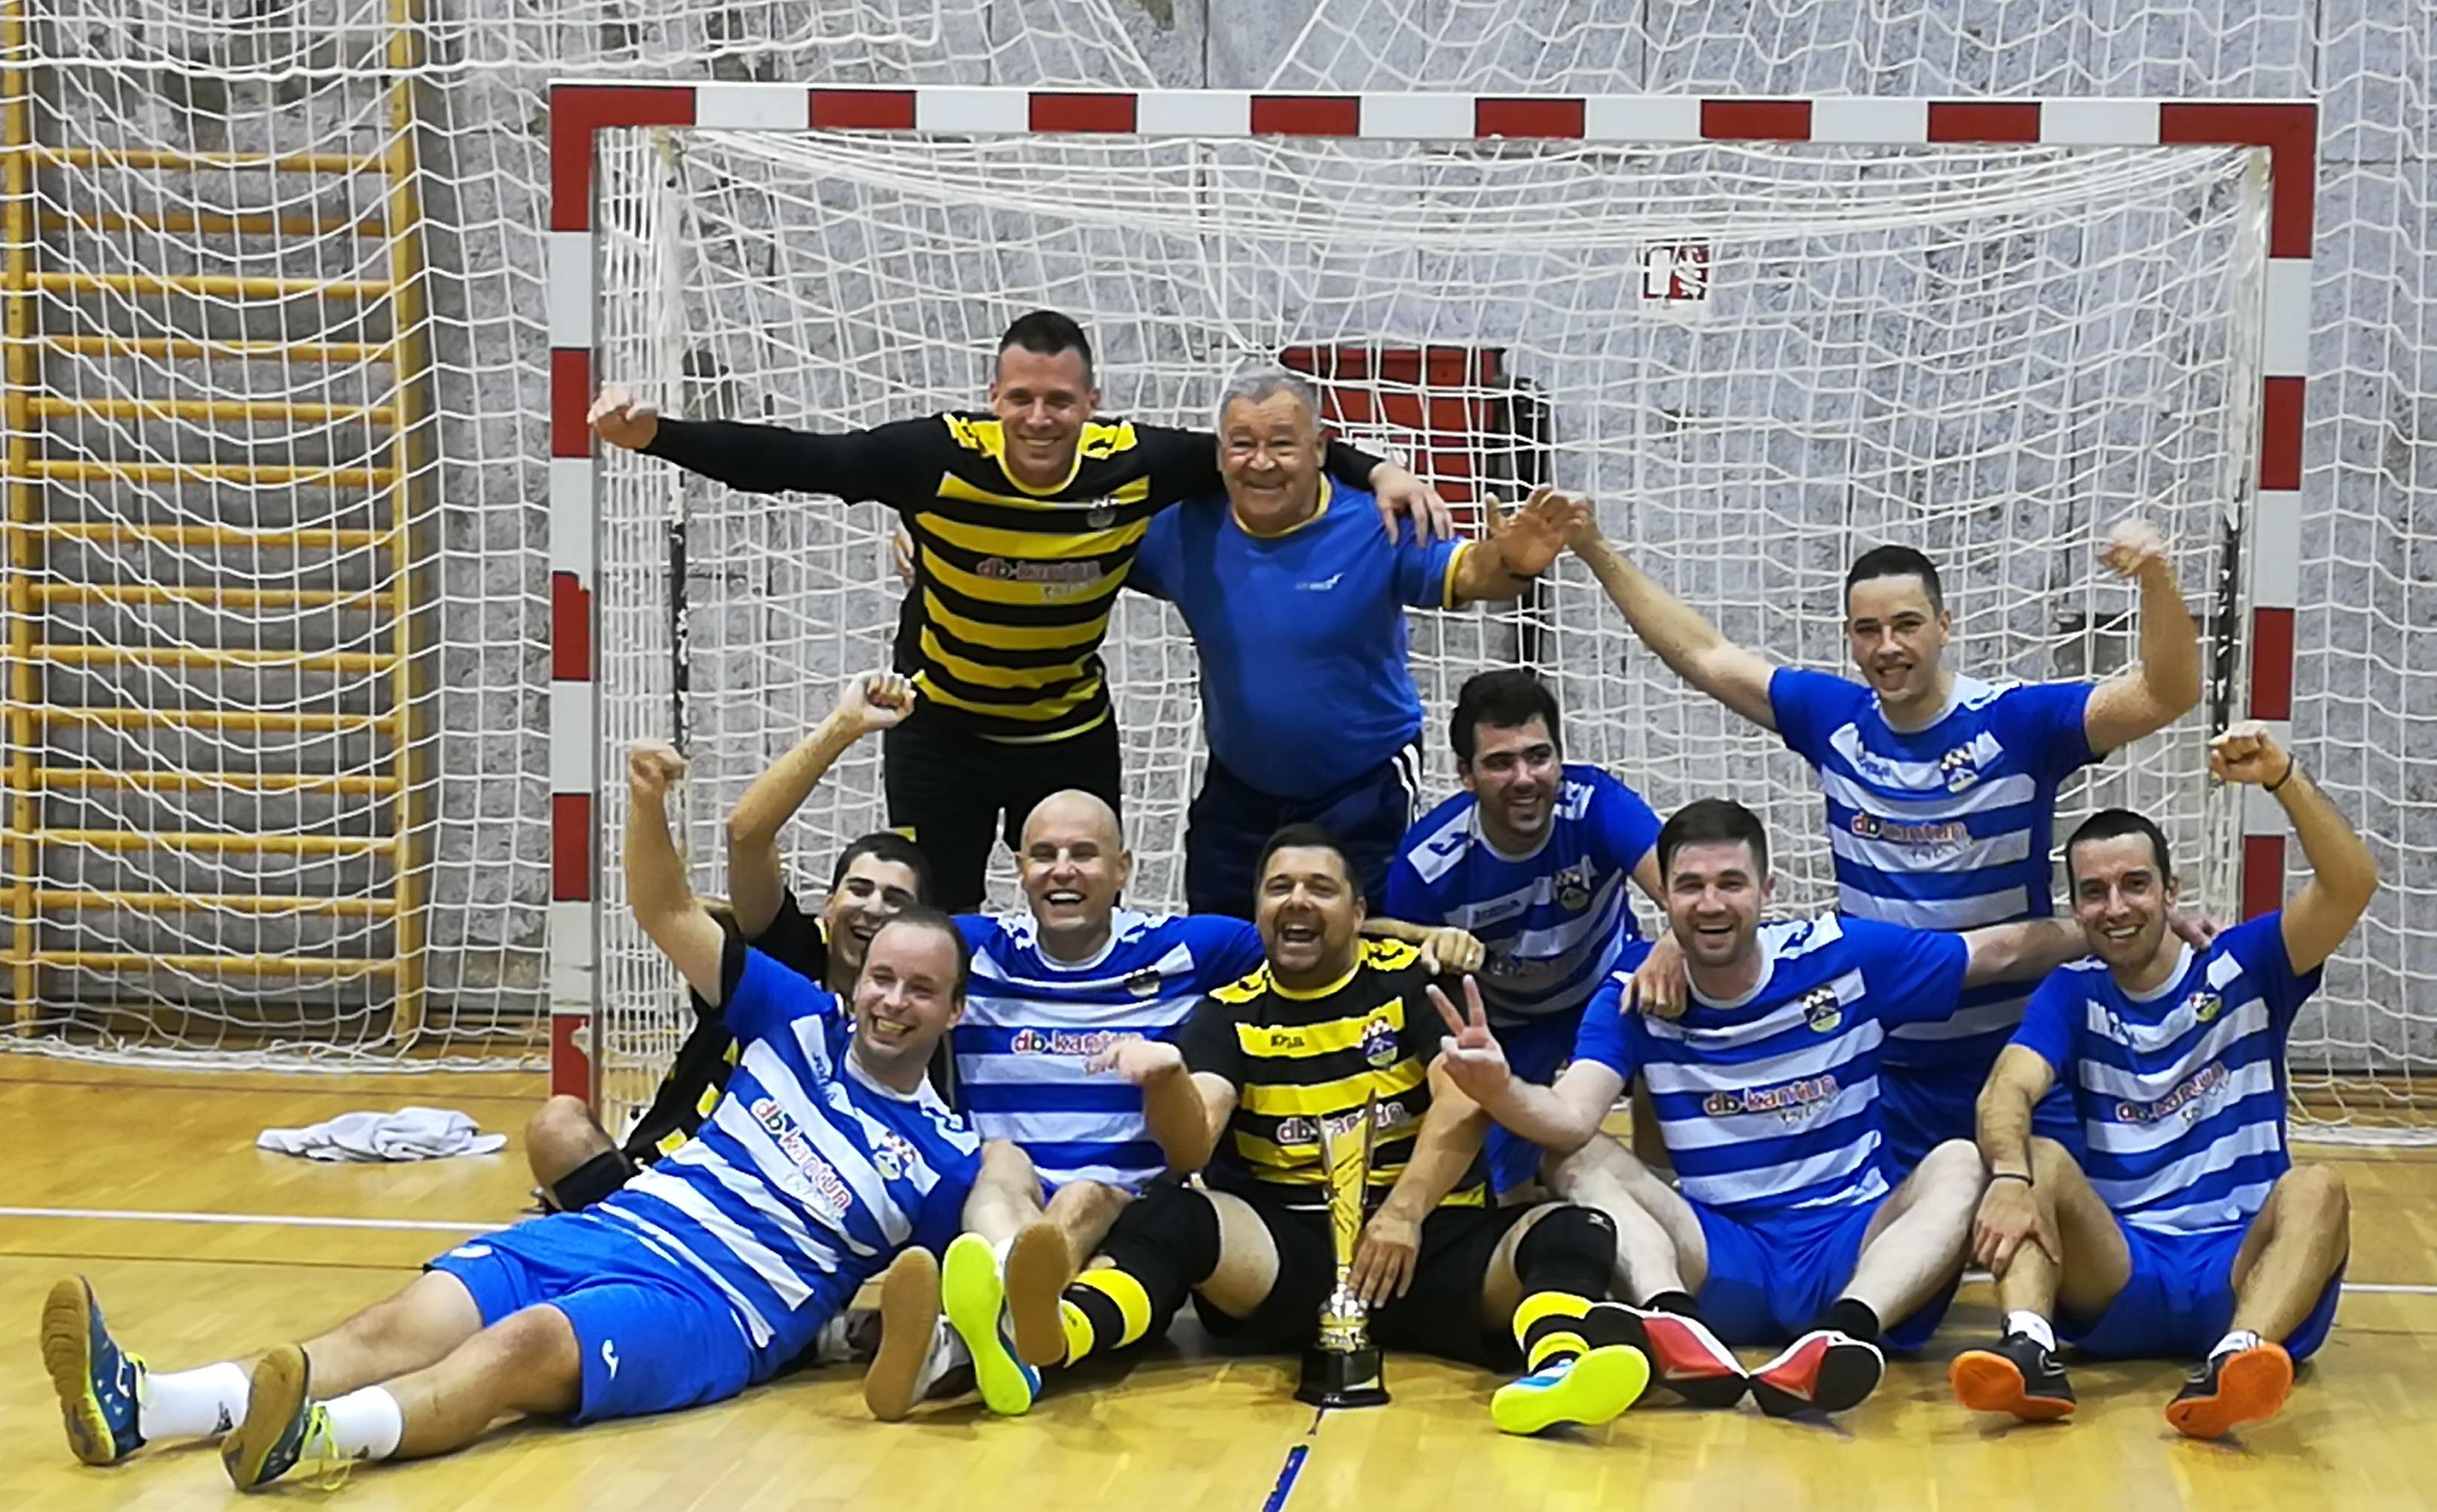 Pobjednici KUP-a 03.11.2018.